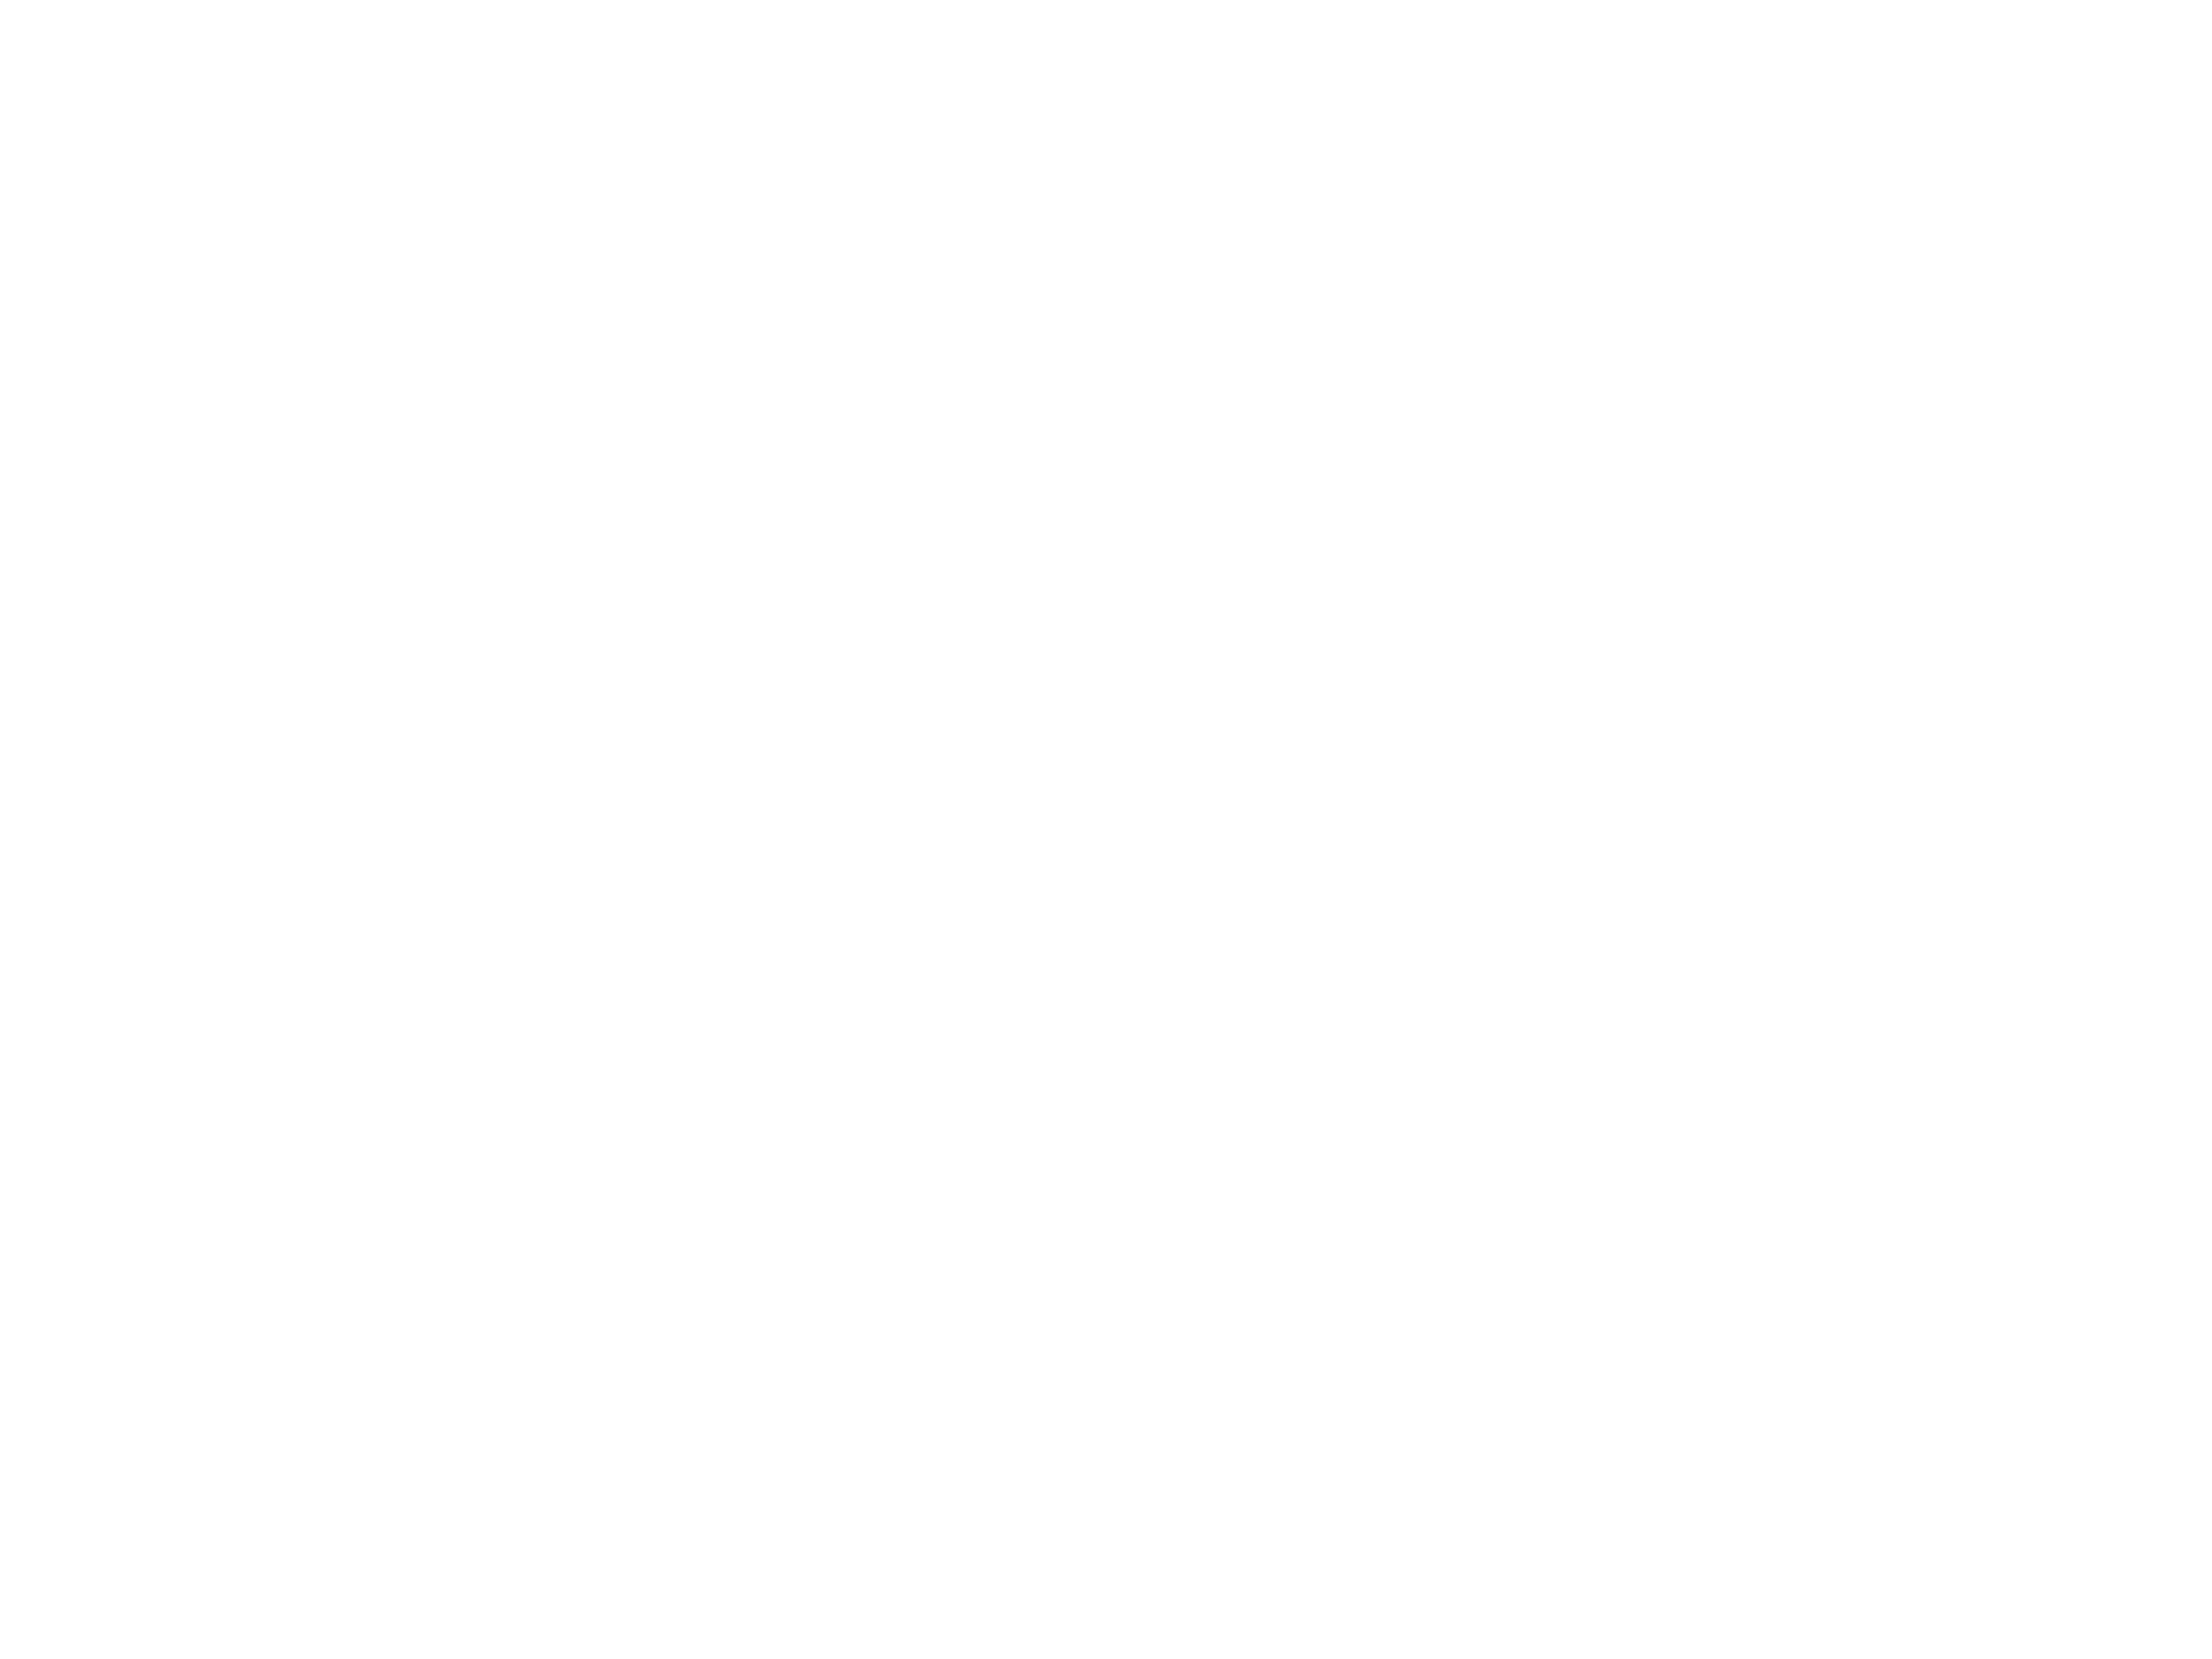 swiftverdict